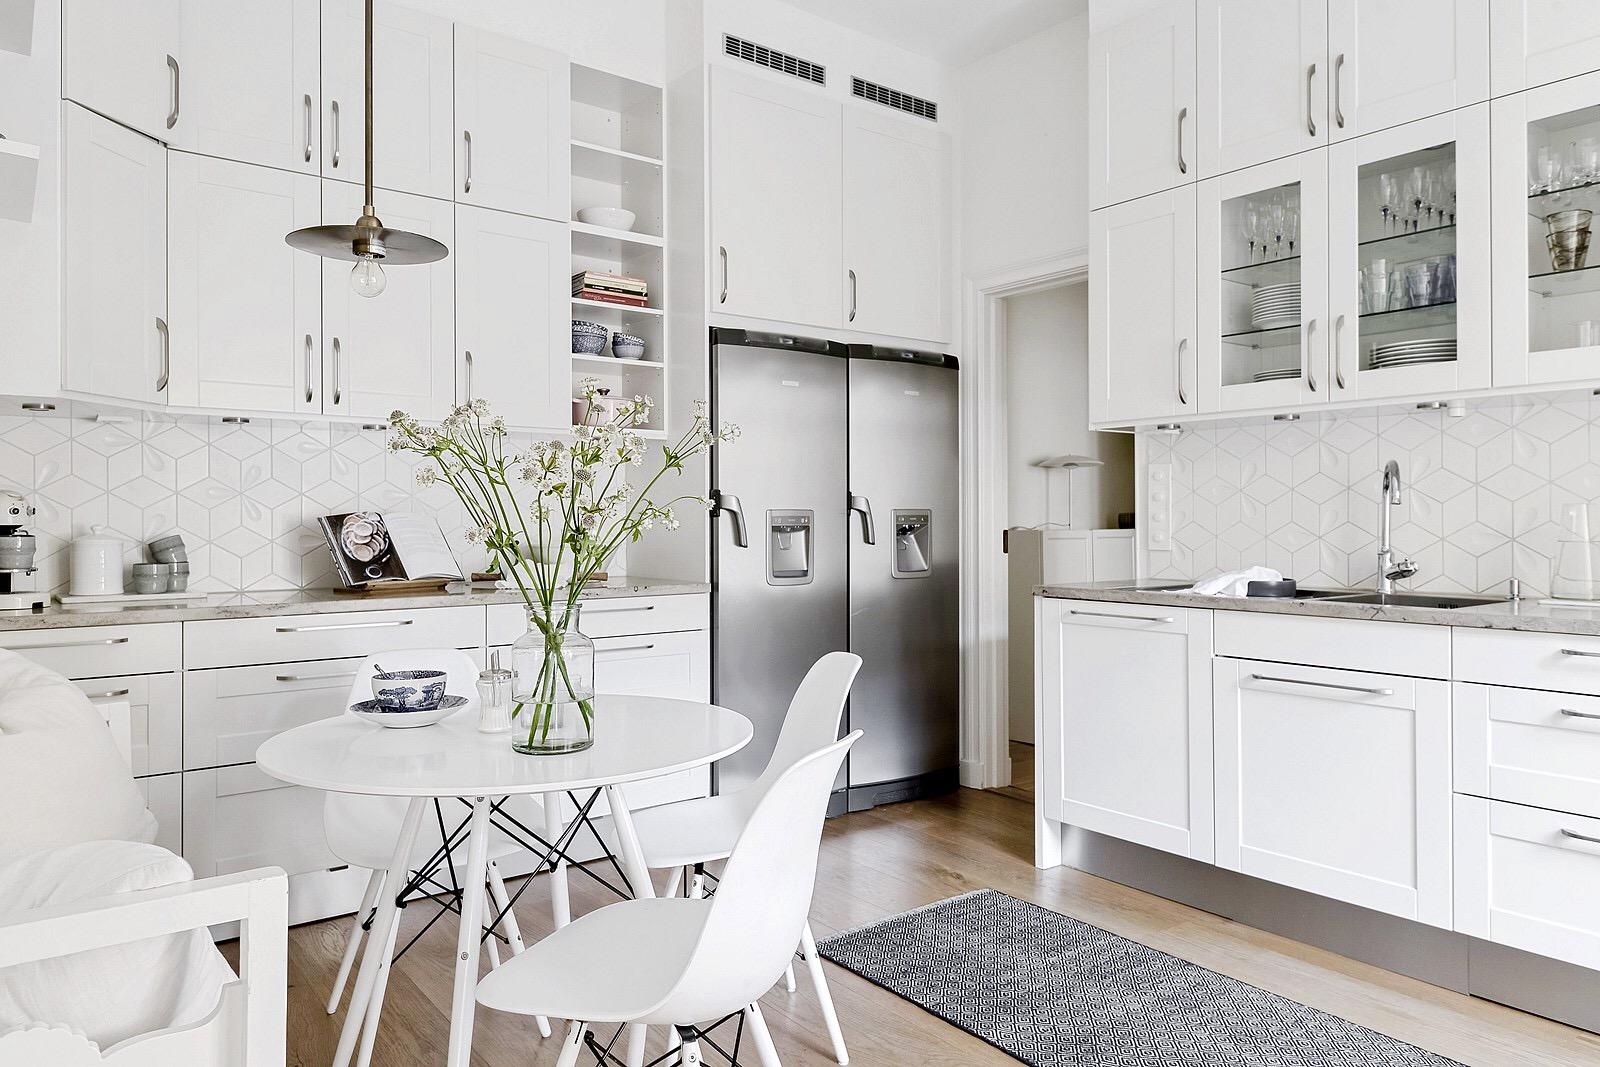 белая кухня холодильник столик стулья eames